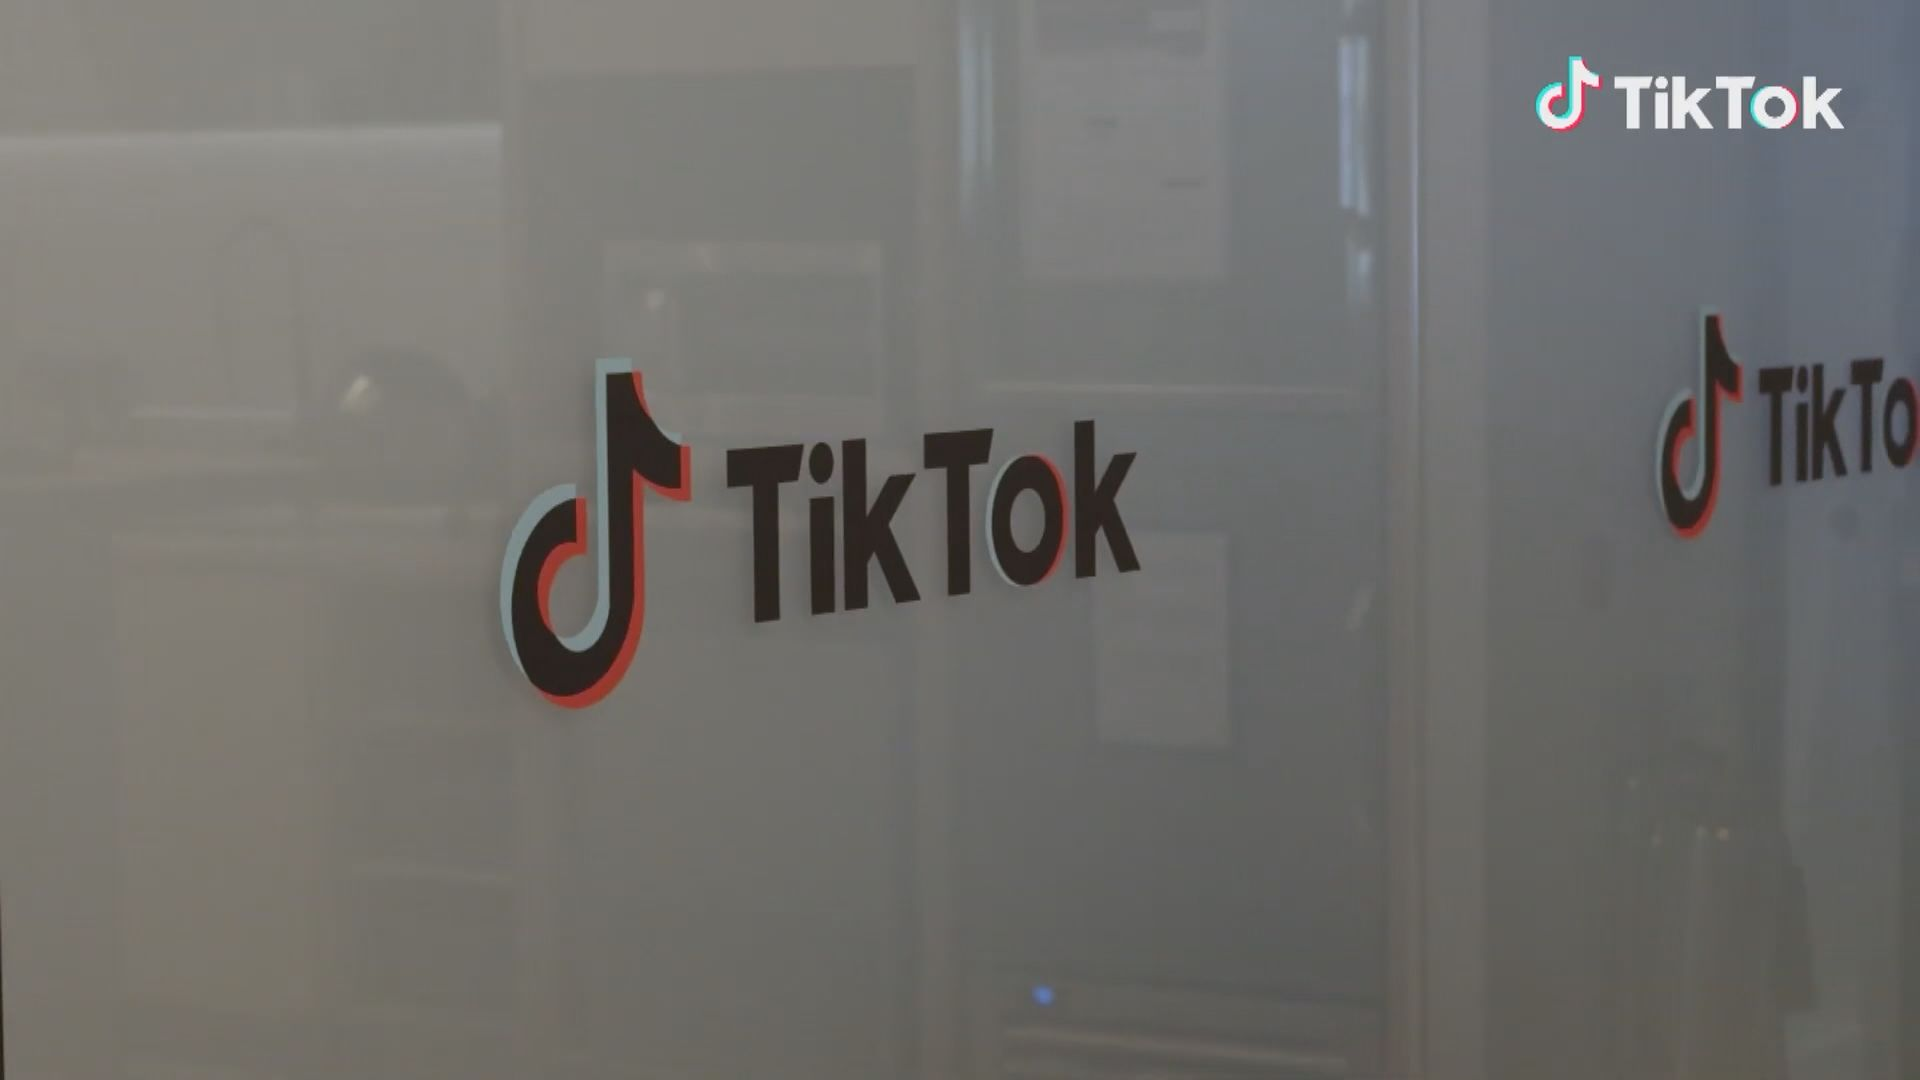 美國將就TikTok是否影響國家安全提交建議